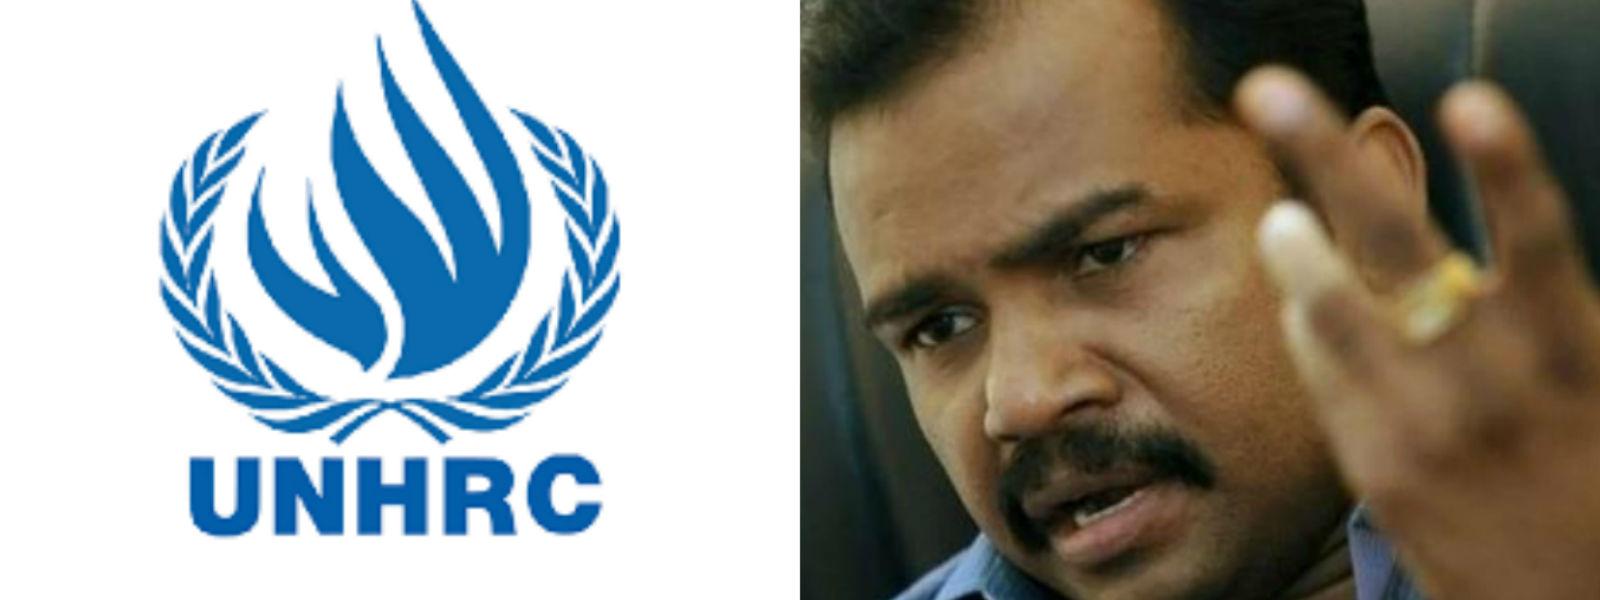 ළමා සොල්දාදුවන් බඳවා ගැනීම ගැනත් විමර්ශනය කළ යුතුයි  – UNHRC